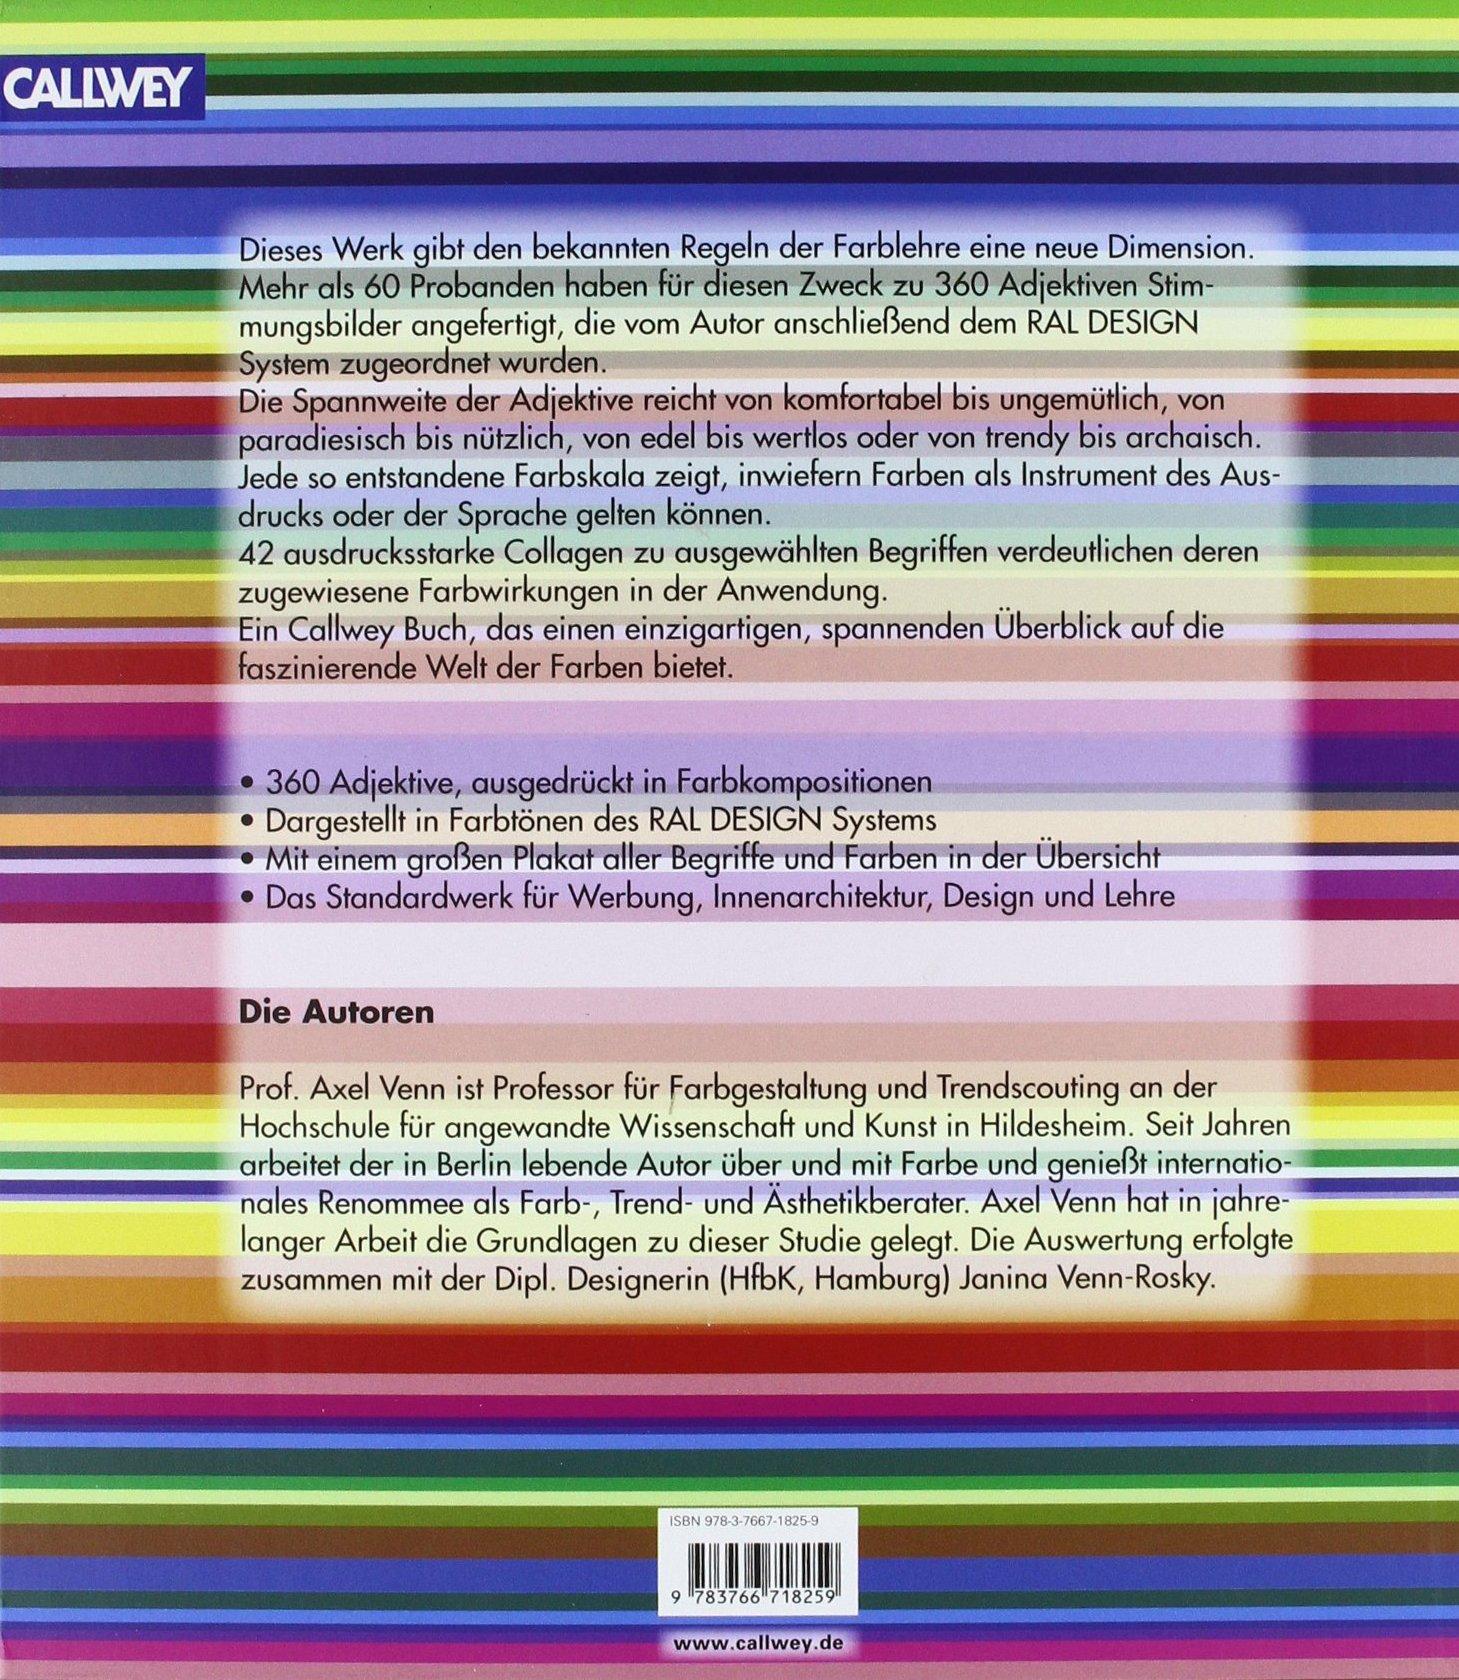 813rwSoULnL Fabelhafte Psychologische Wirkung Von Farben Dekorationen